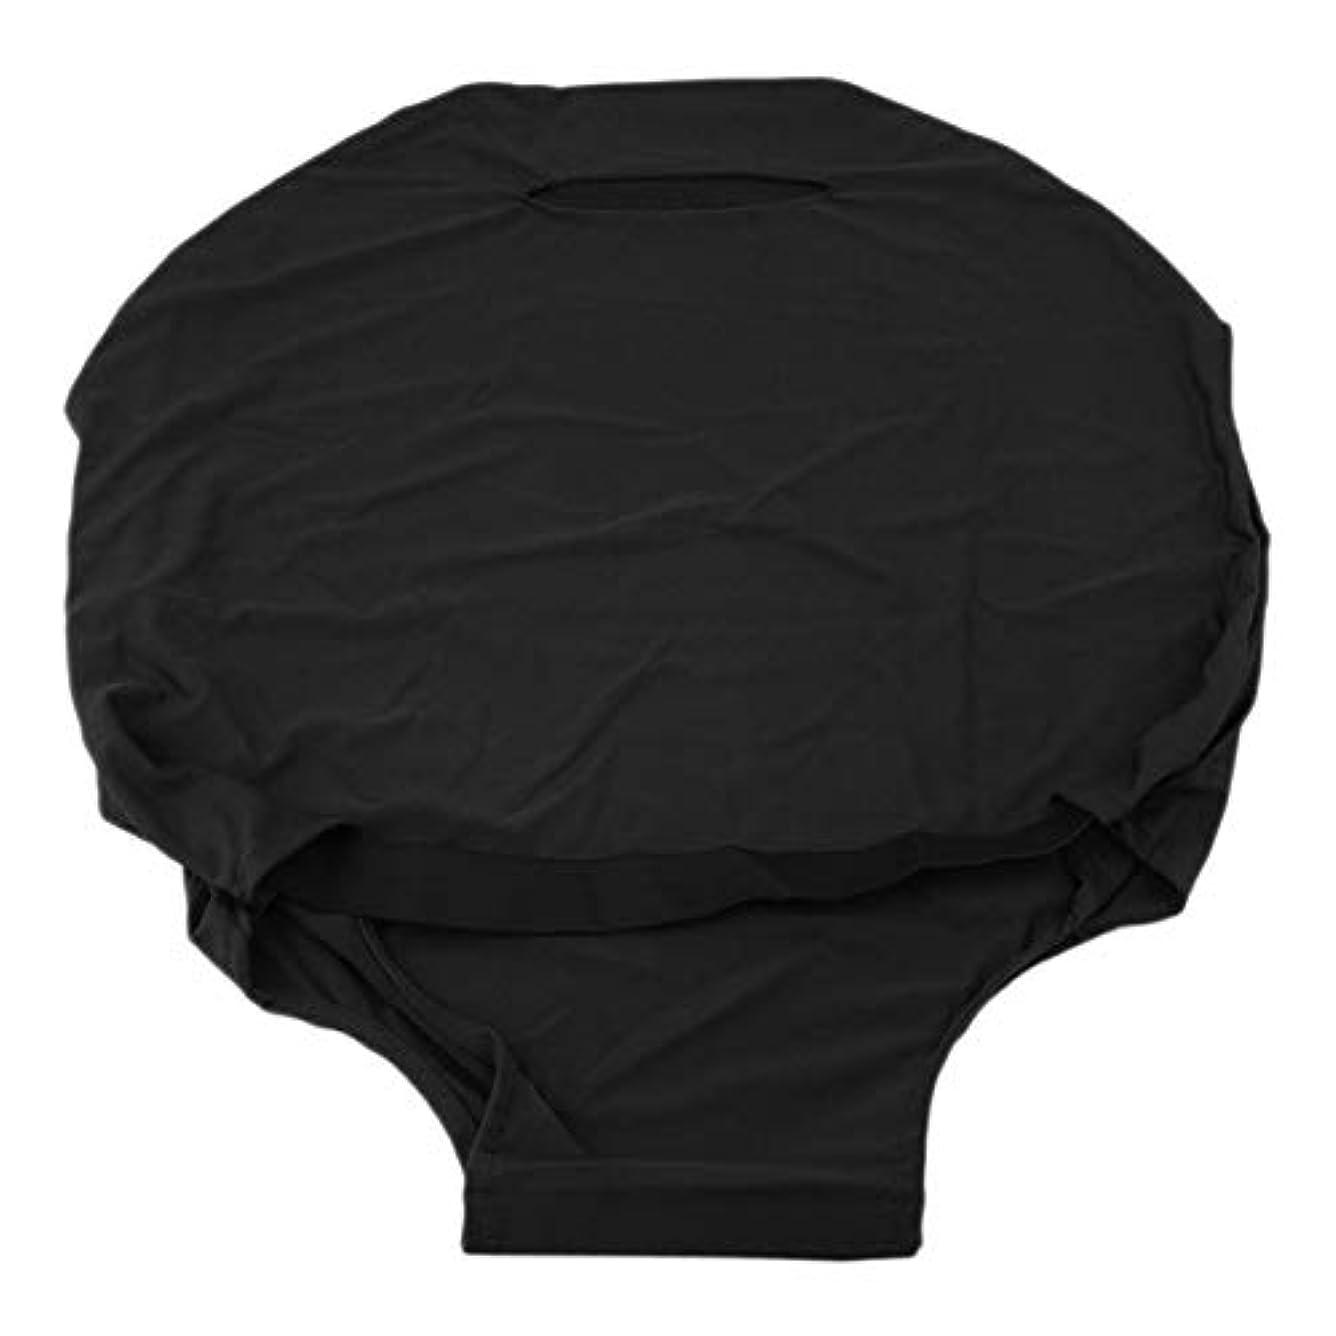 直接稼ぐ先住民Saikogoods 24/28インチスーツケース荷物のために屋外旅行高弾性ソリッドカラー防塵荷物スーツケース保護カバー 黒